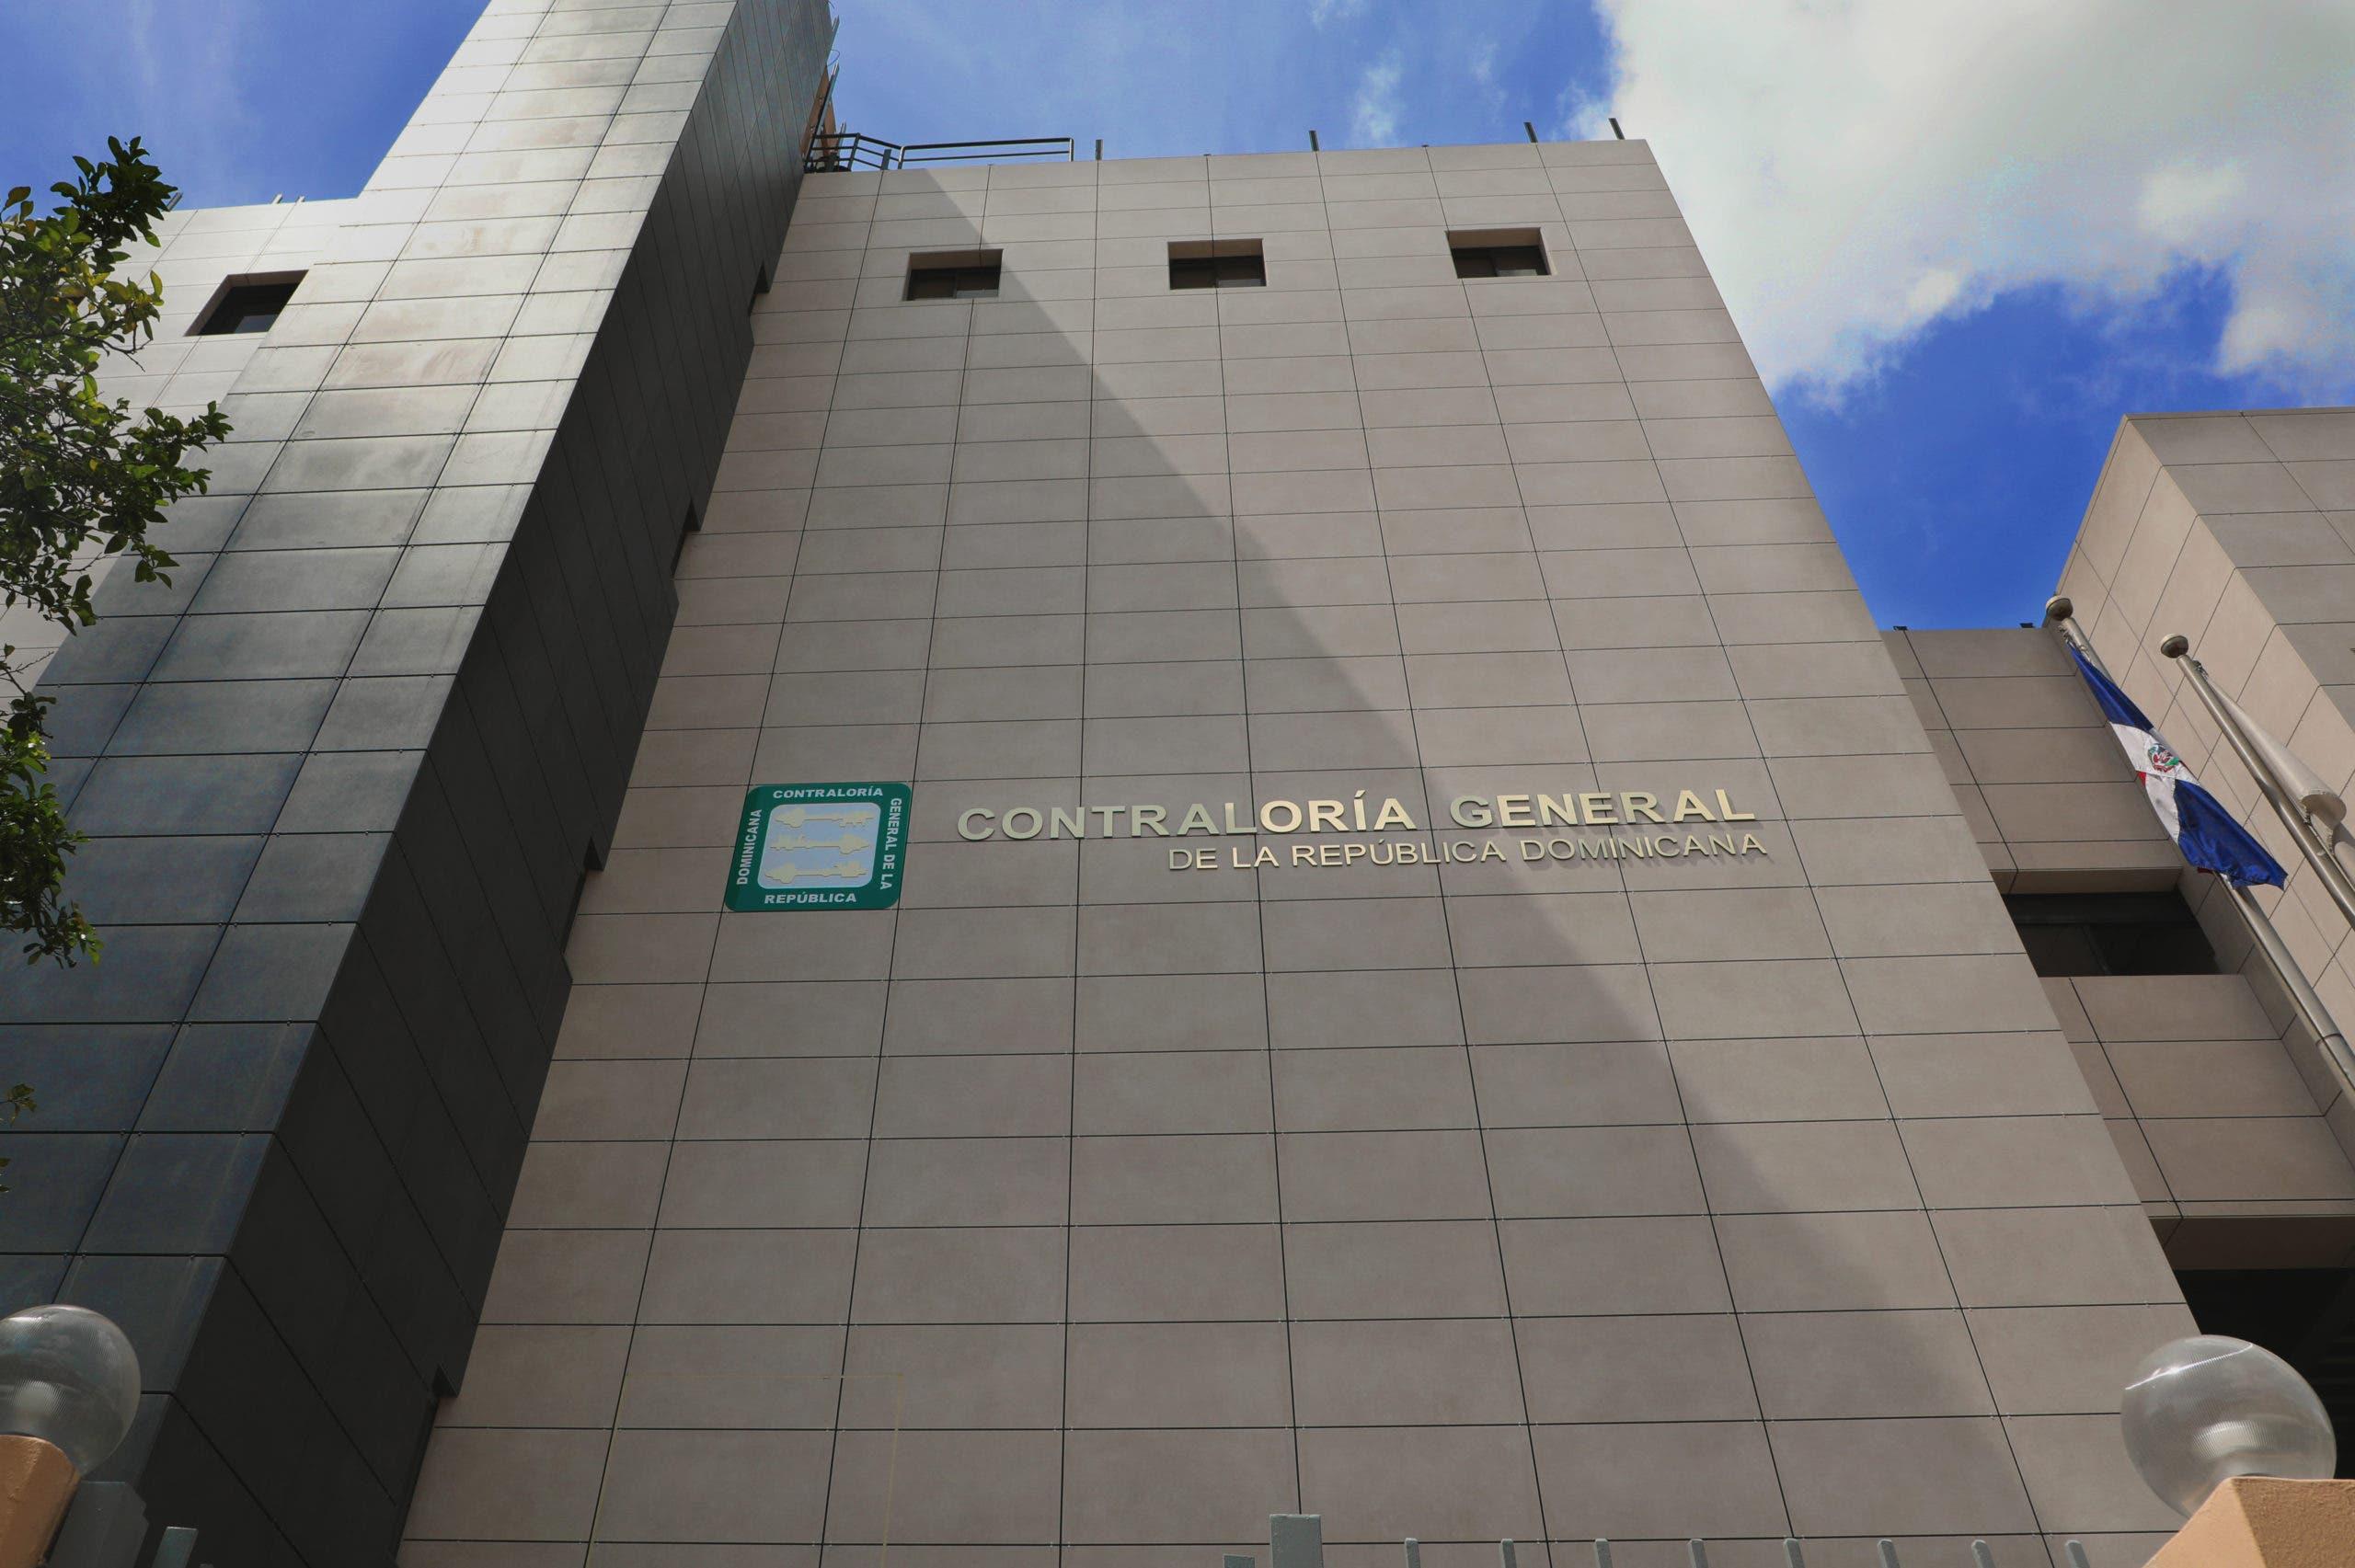 Contraloría reafirma competencia legal para auditar instituciones del Gobierno Central